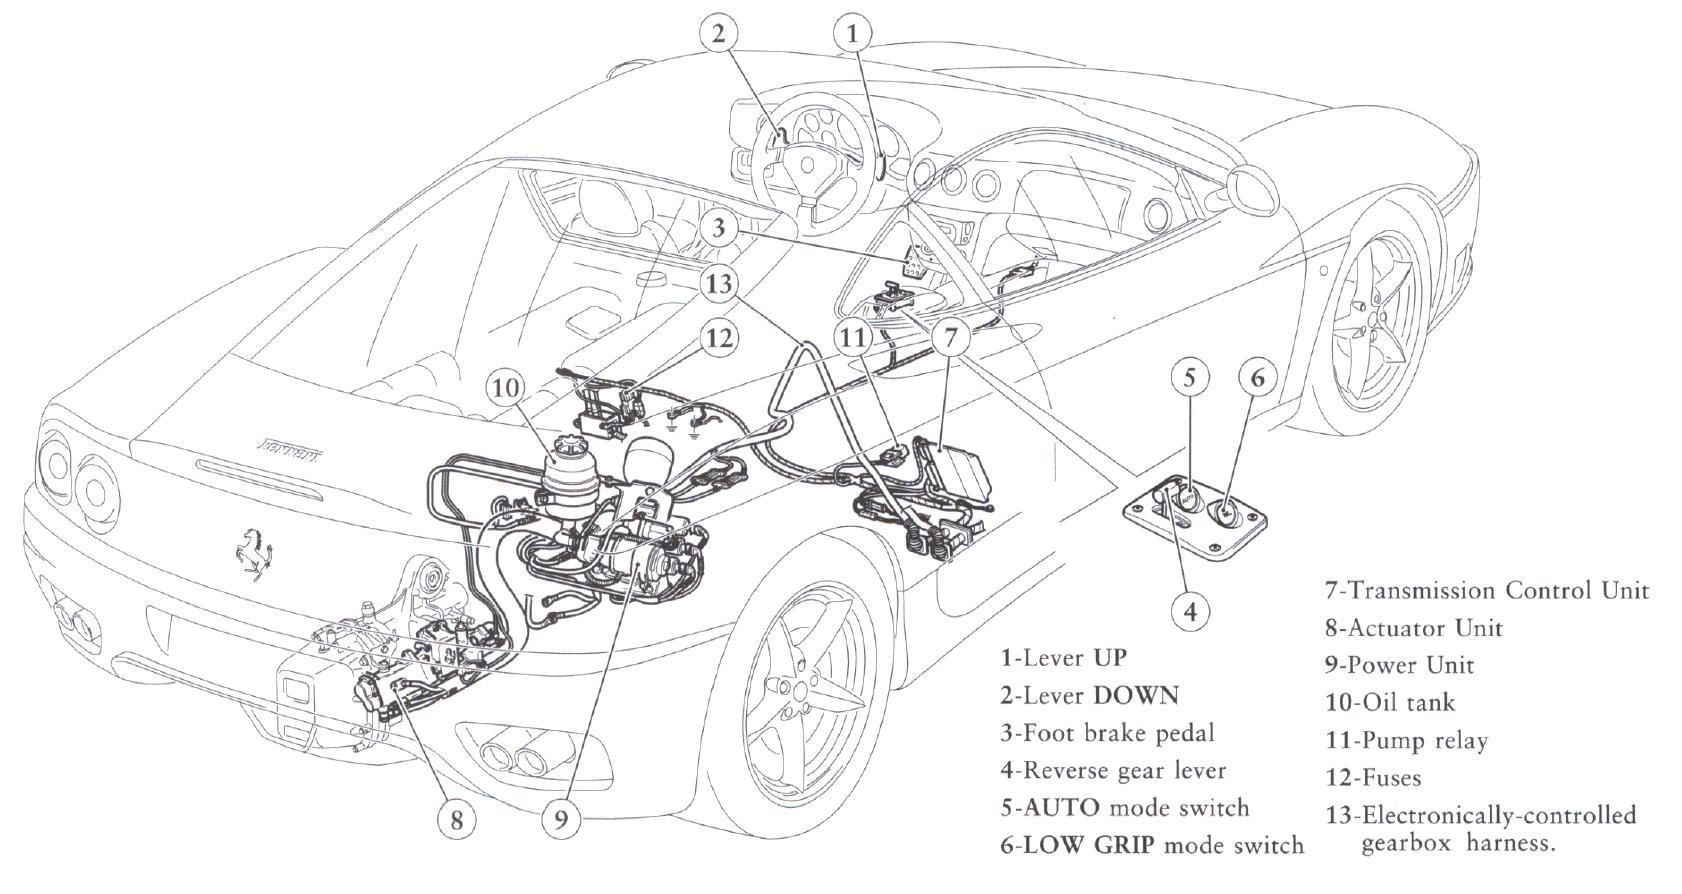 f1 car diagram basic